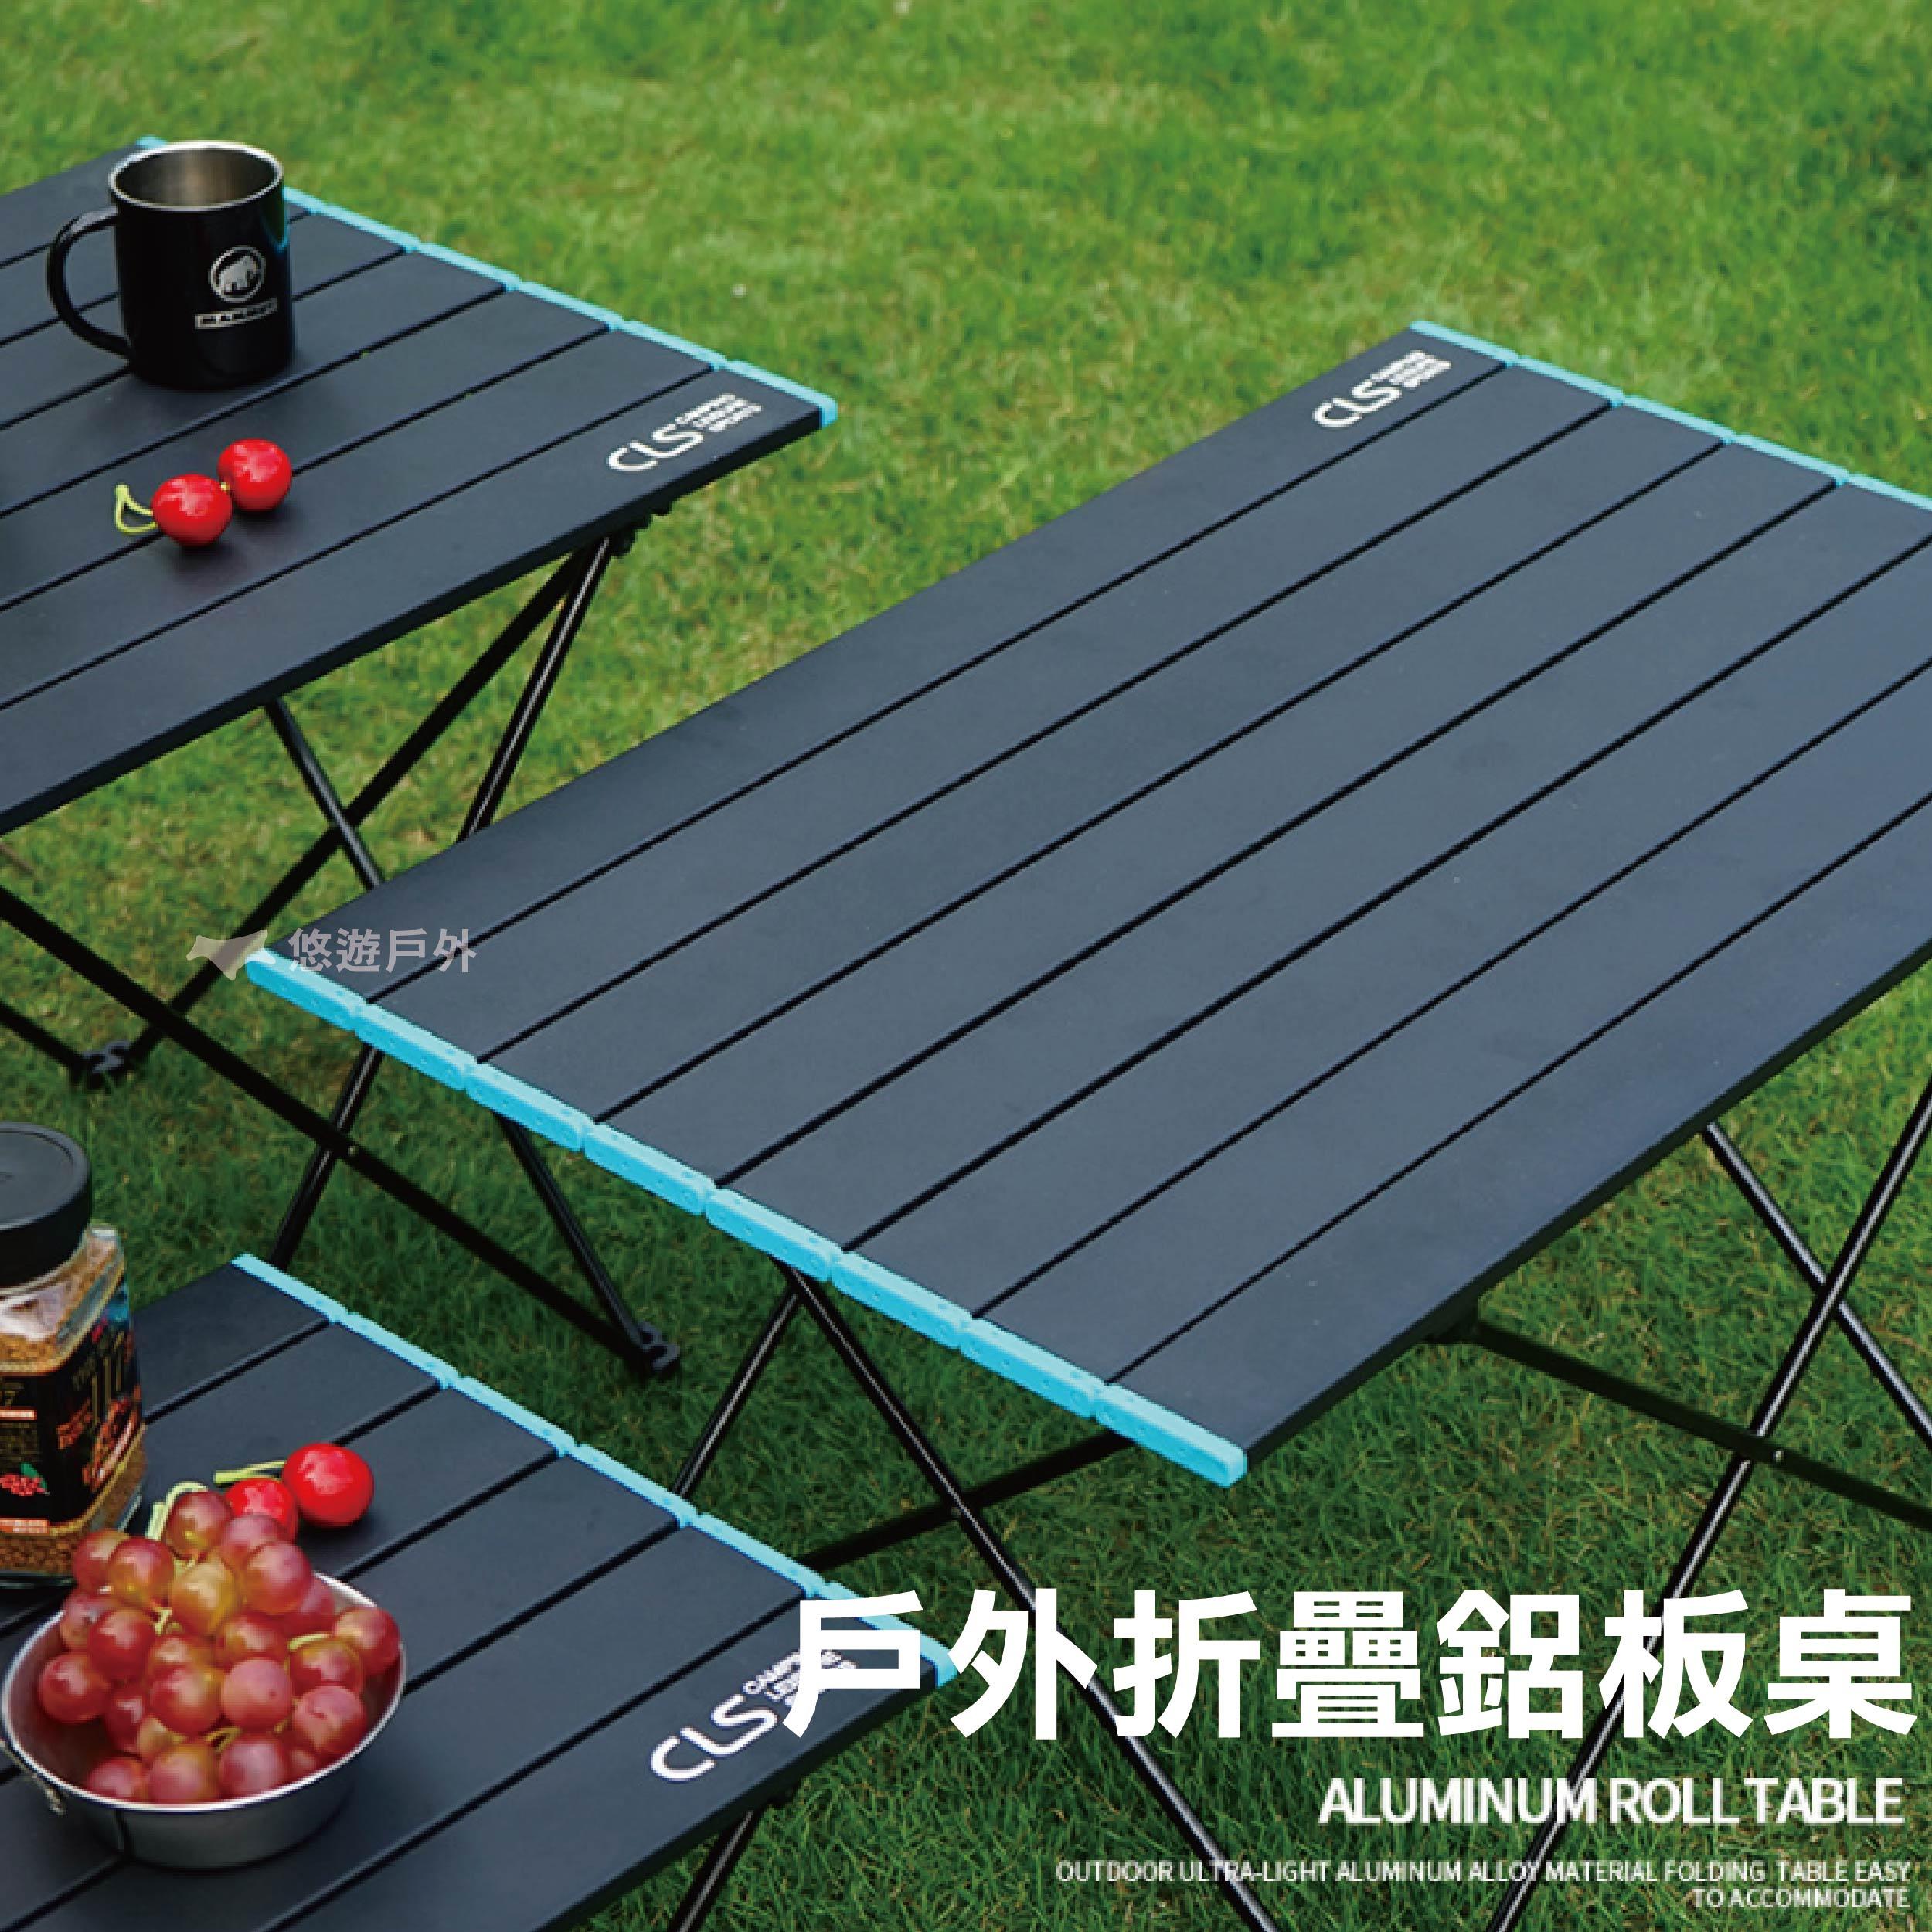 【輕量好物】CLS 鋁合金輕便折疊桌 摺疊桌 蛋捲桌 野餐桌 鋁板桌 露營桌 桌 BBQ 露營 野餐 戶外 【悠遊戶外】